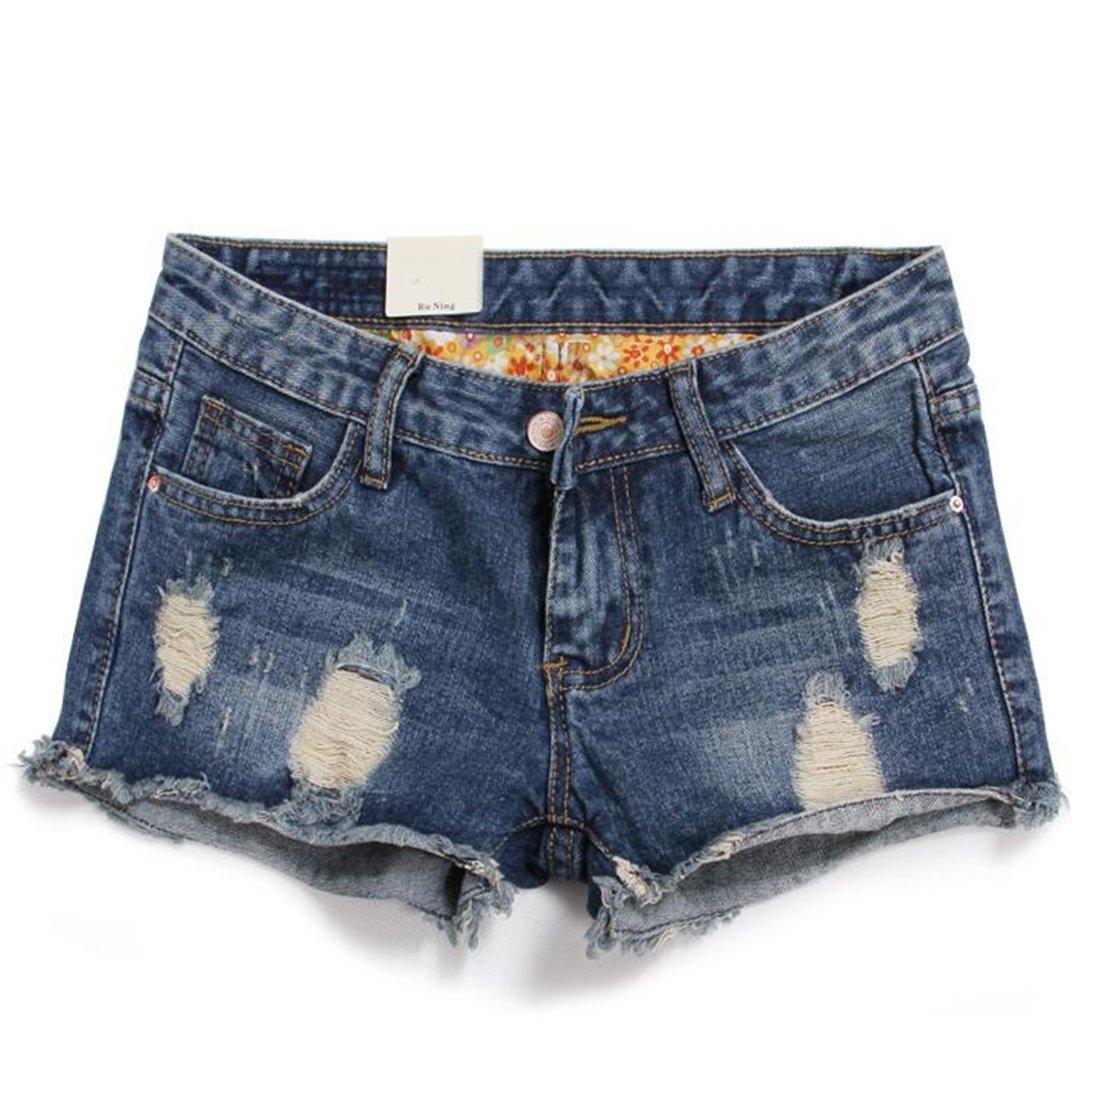 Weigou Women Short Jeans Retro Hole Burr Loose Large Size Women Shorts Fenim Low Waist Shorts (M(Size 28), Blue)